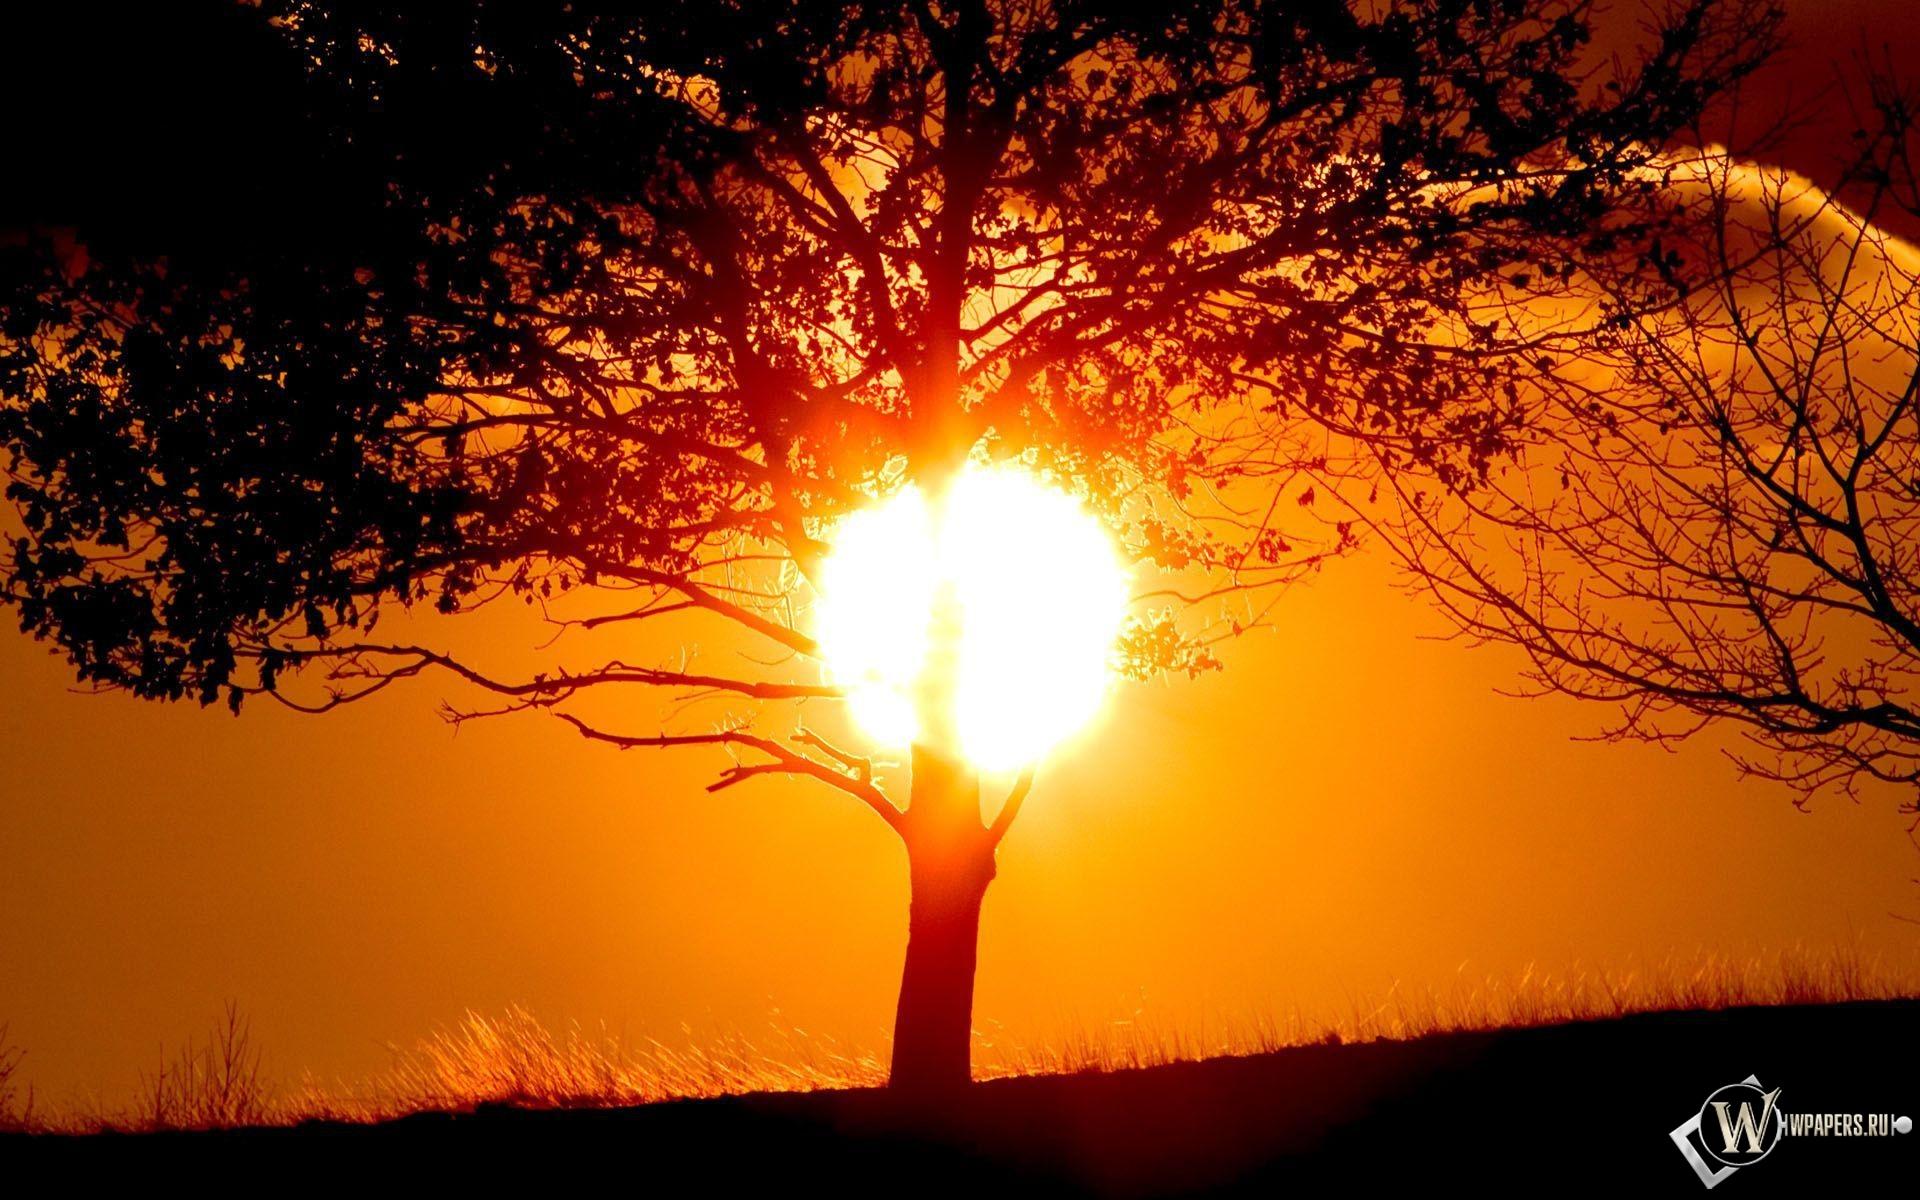 Солнце за деревом 1920x1200